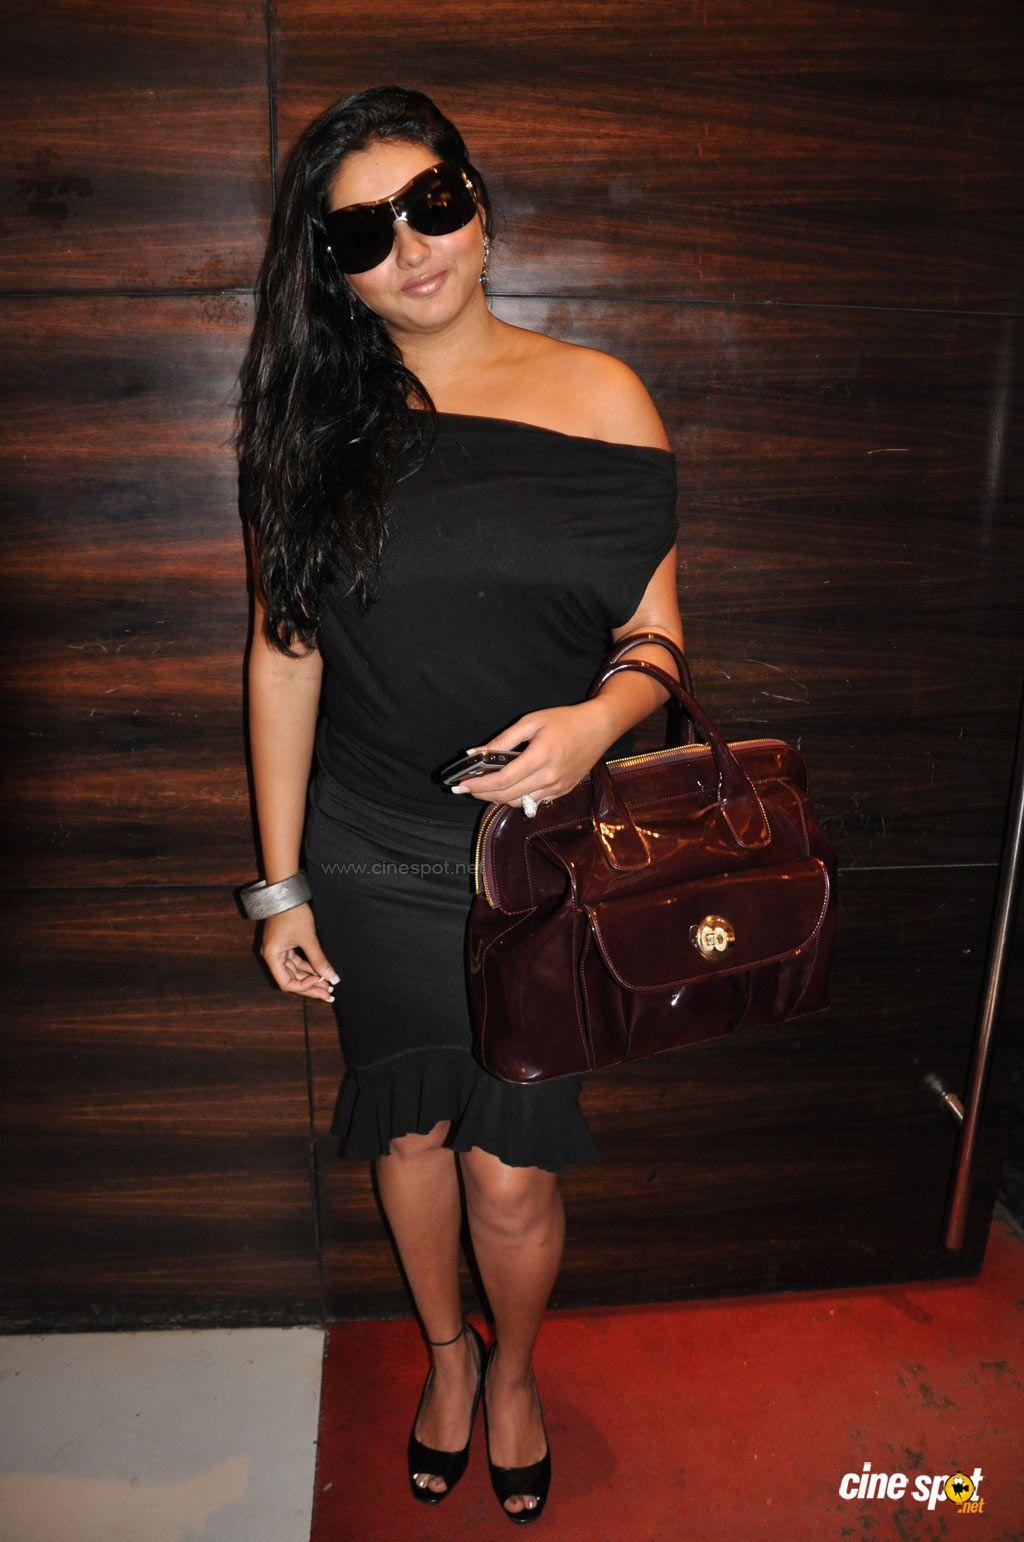 Film Actress Photos Namitha Hot Boobs And Creamy Thigh Show-8164